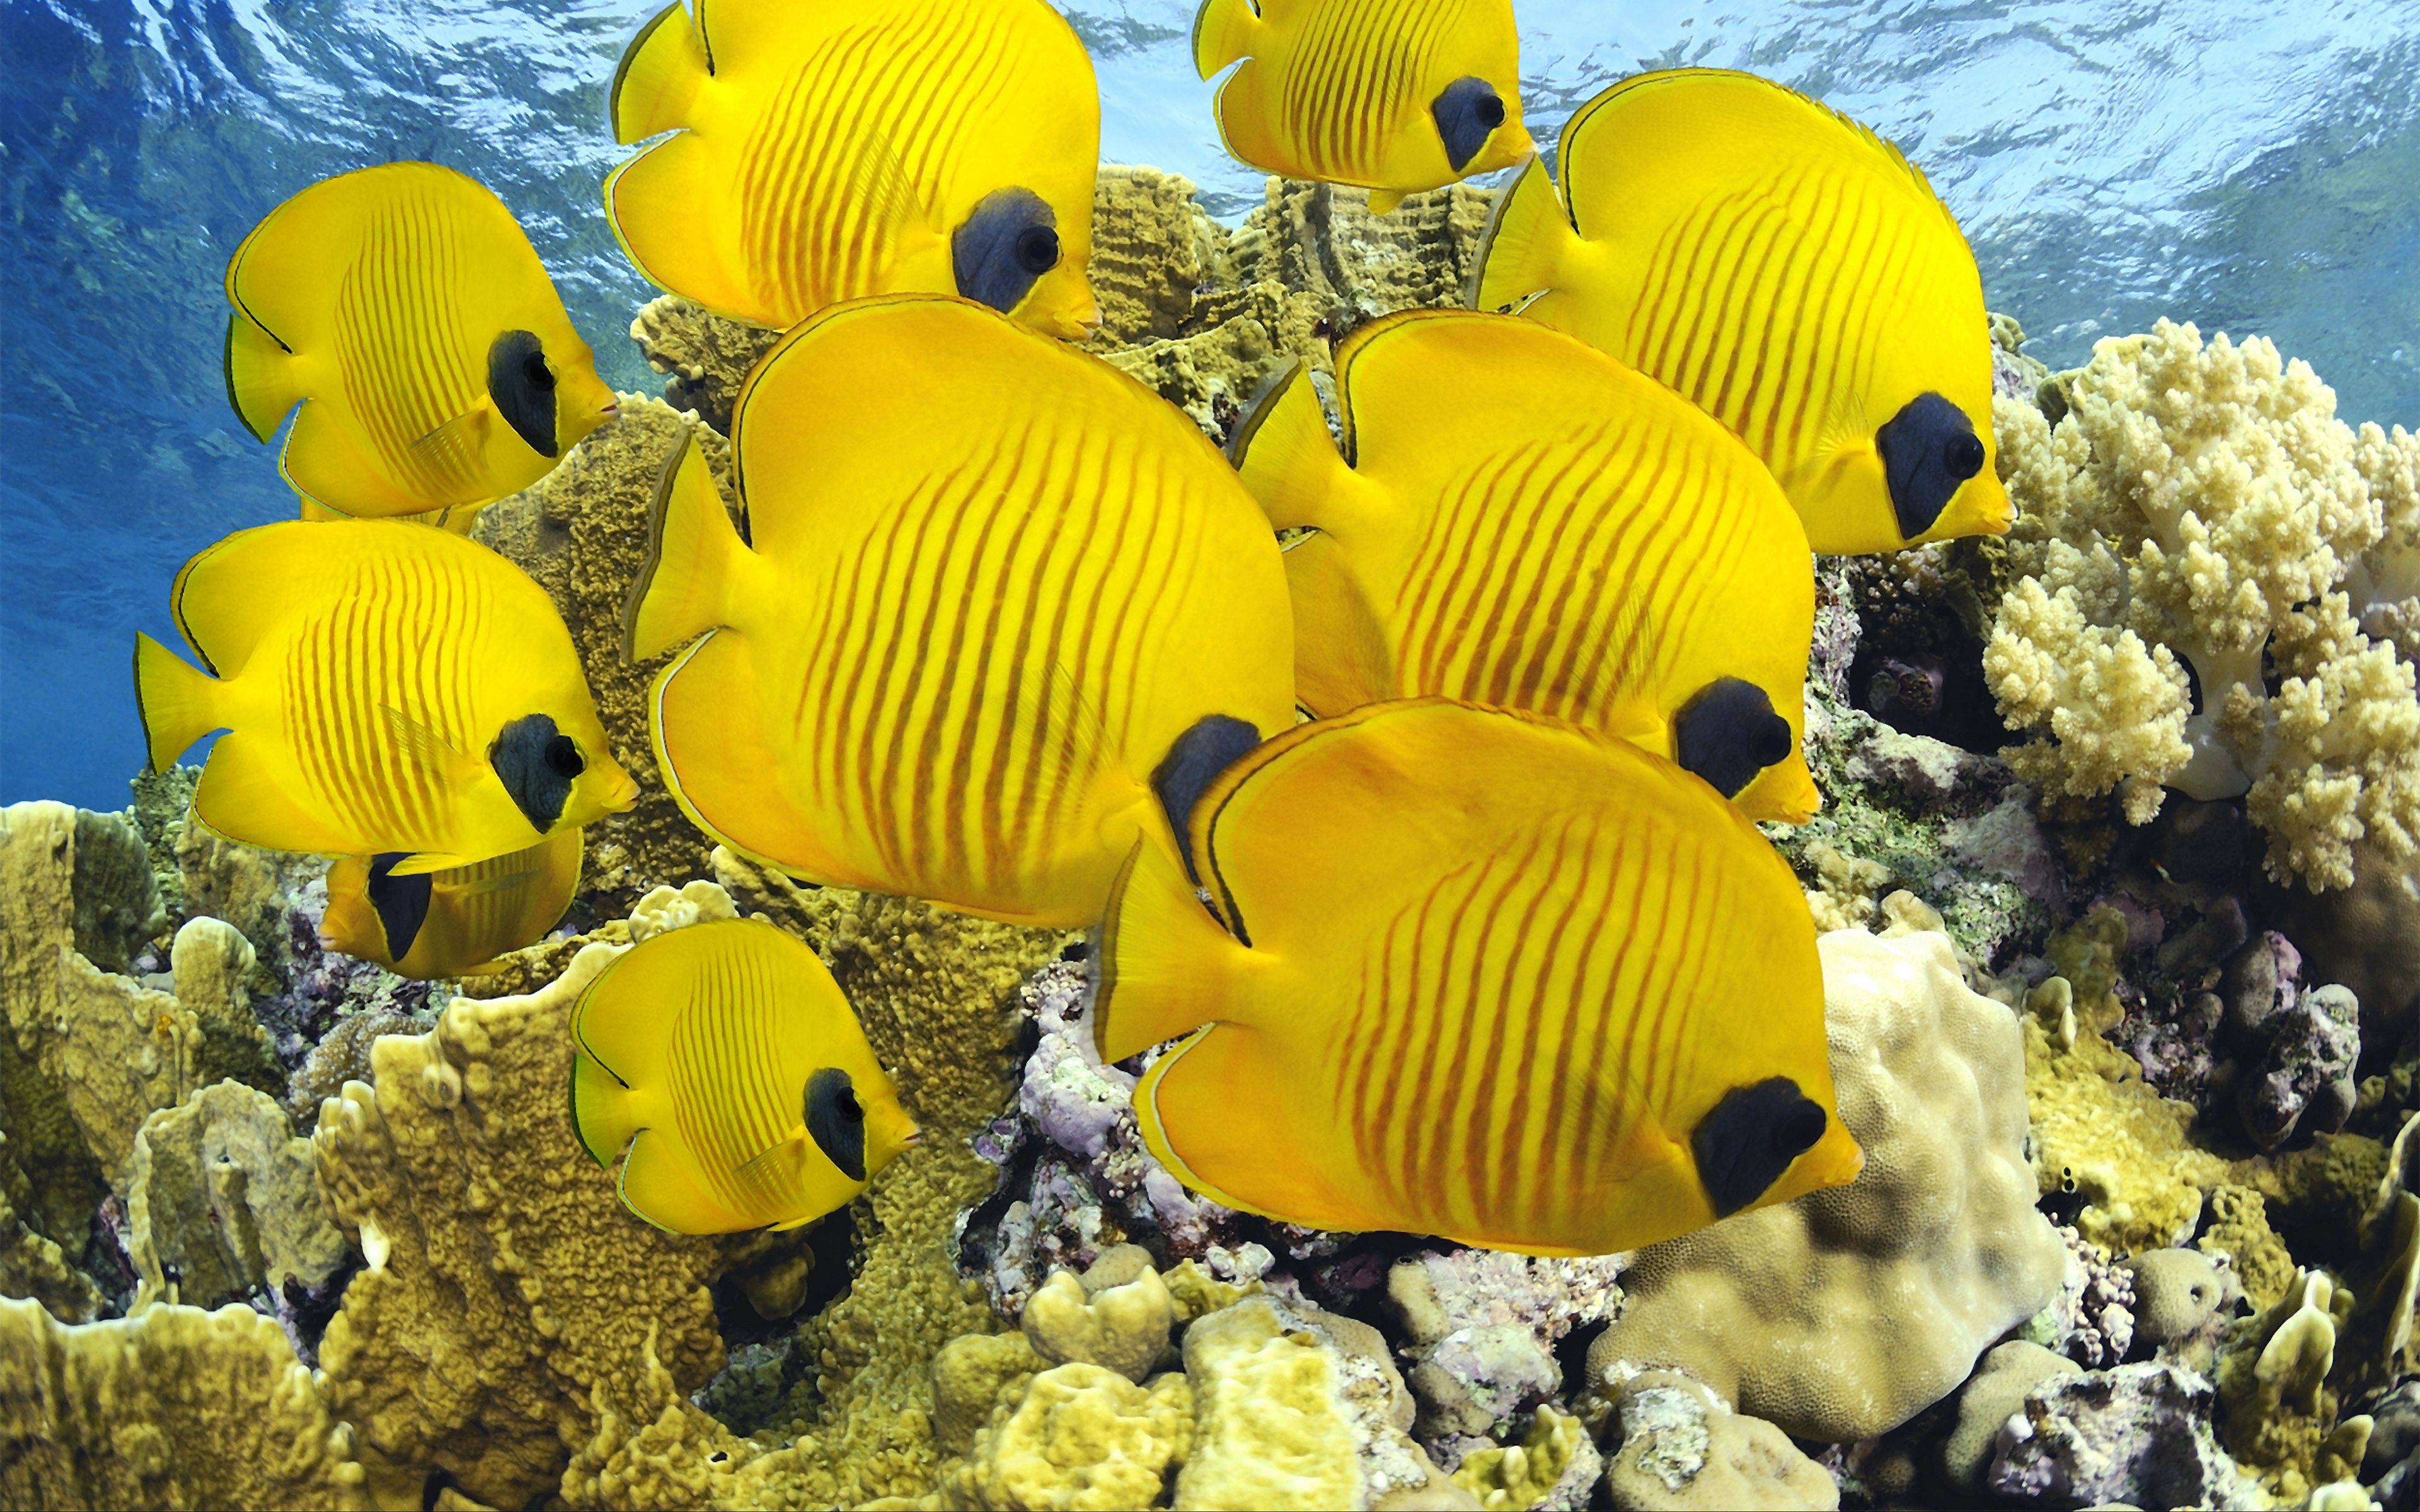 Fondos de pantalla Peces amirillos bajo el agua